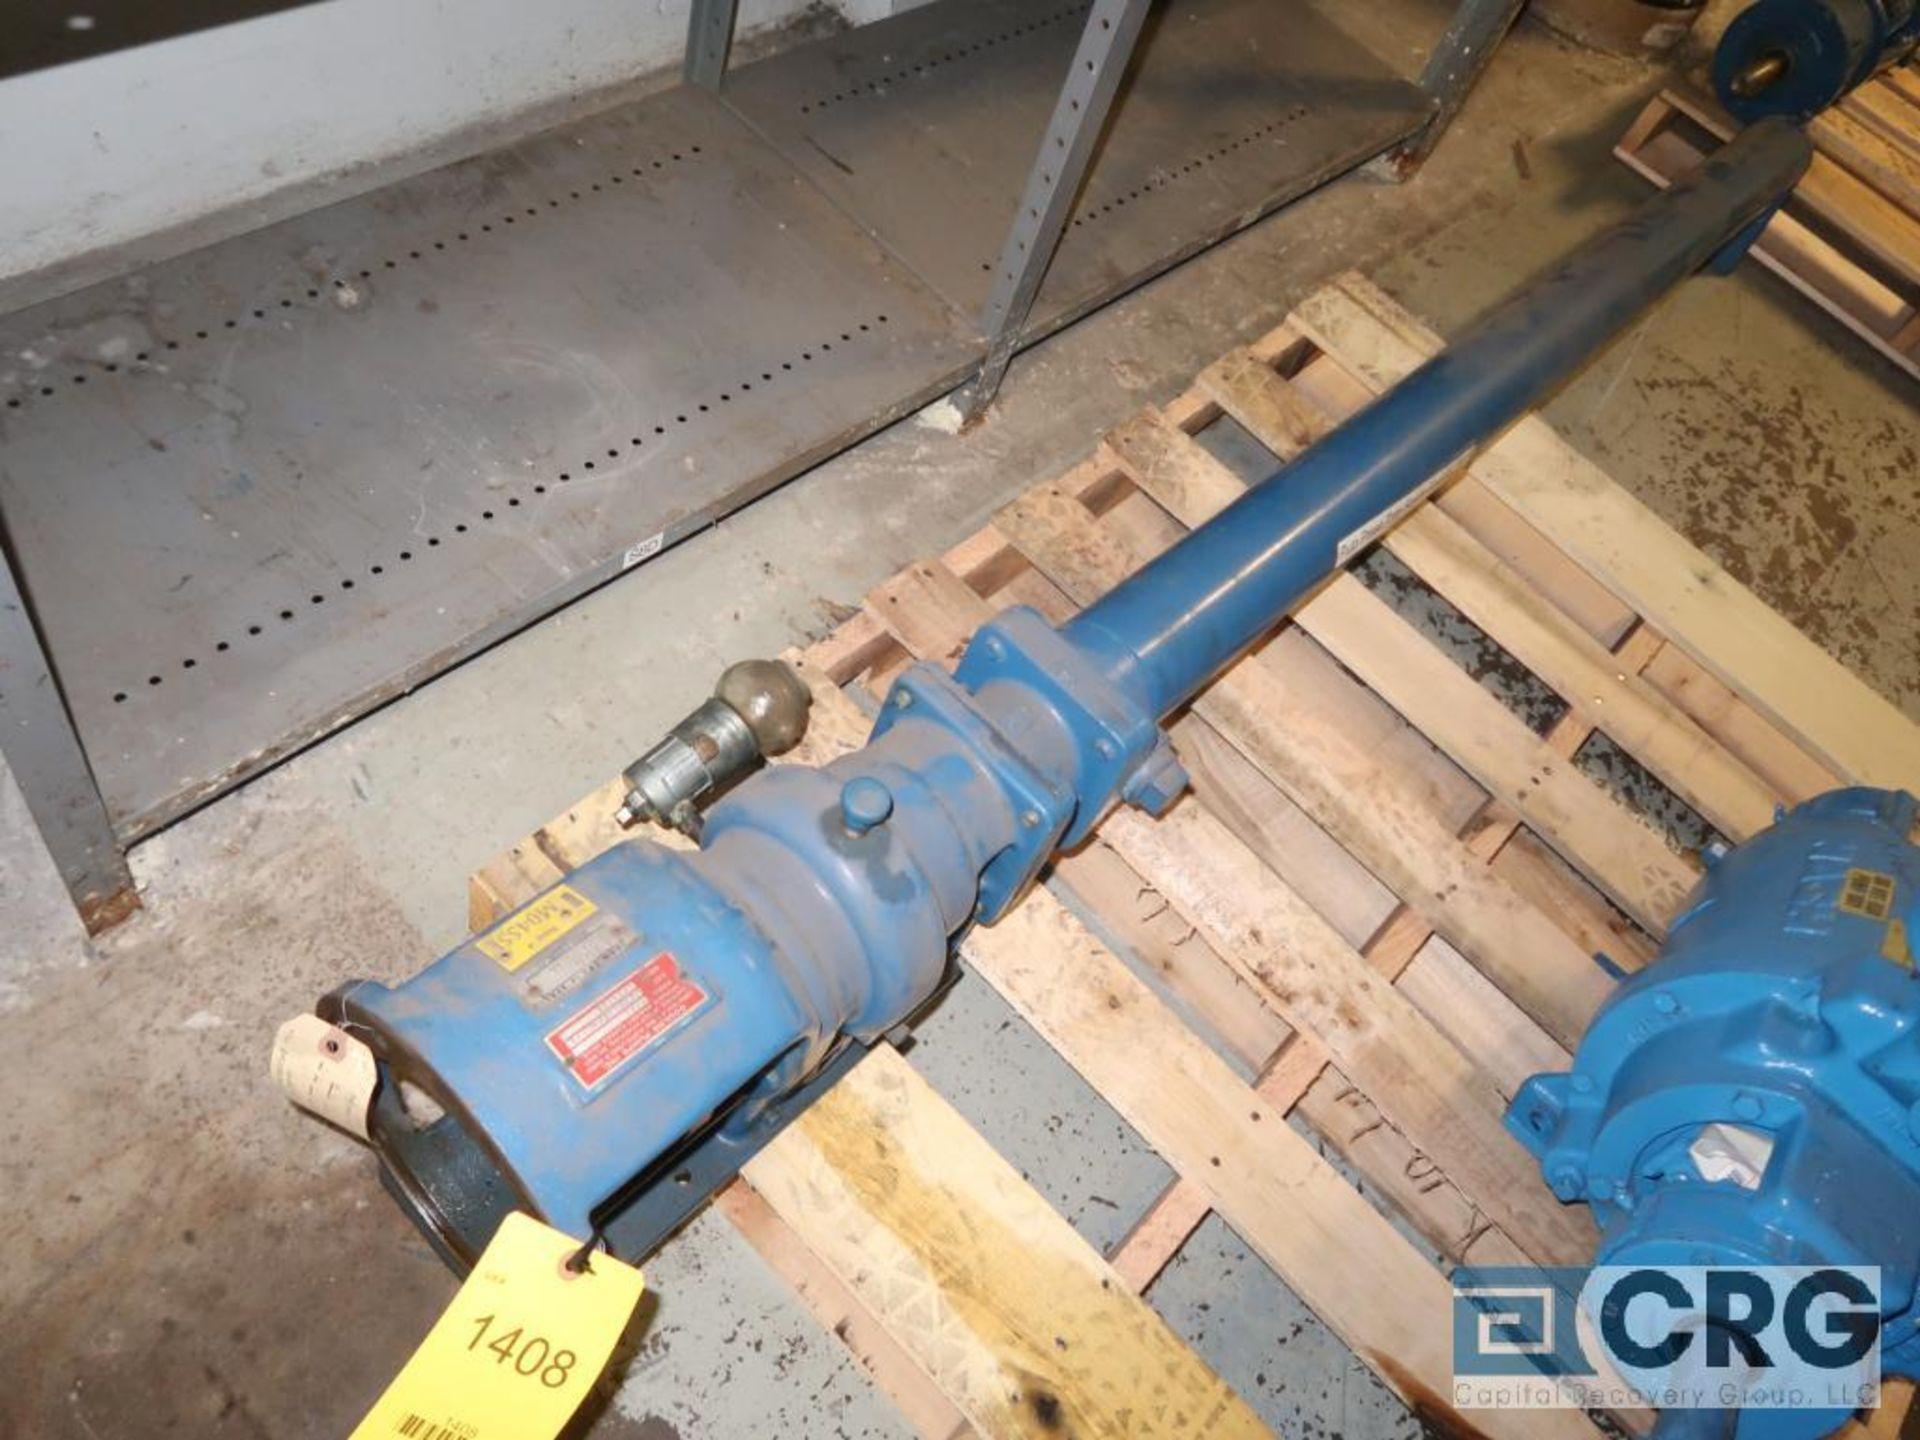 Goulds 3935 power unit, size 3P2056LFSCO313 (Basement Stores)